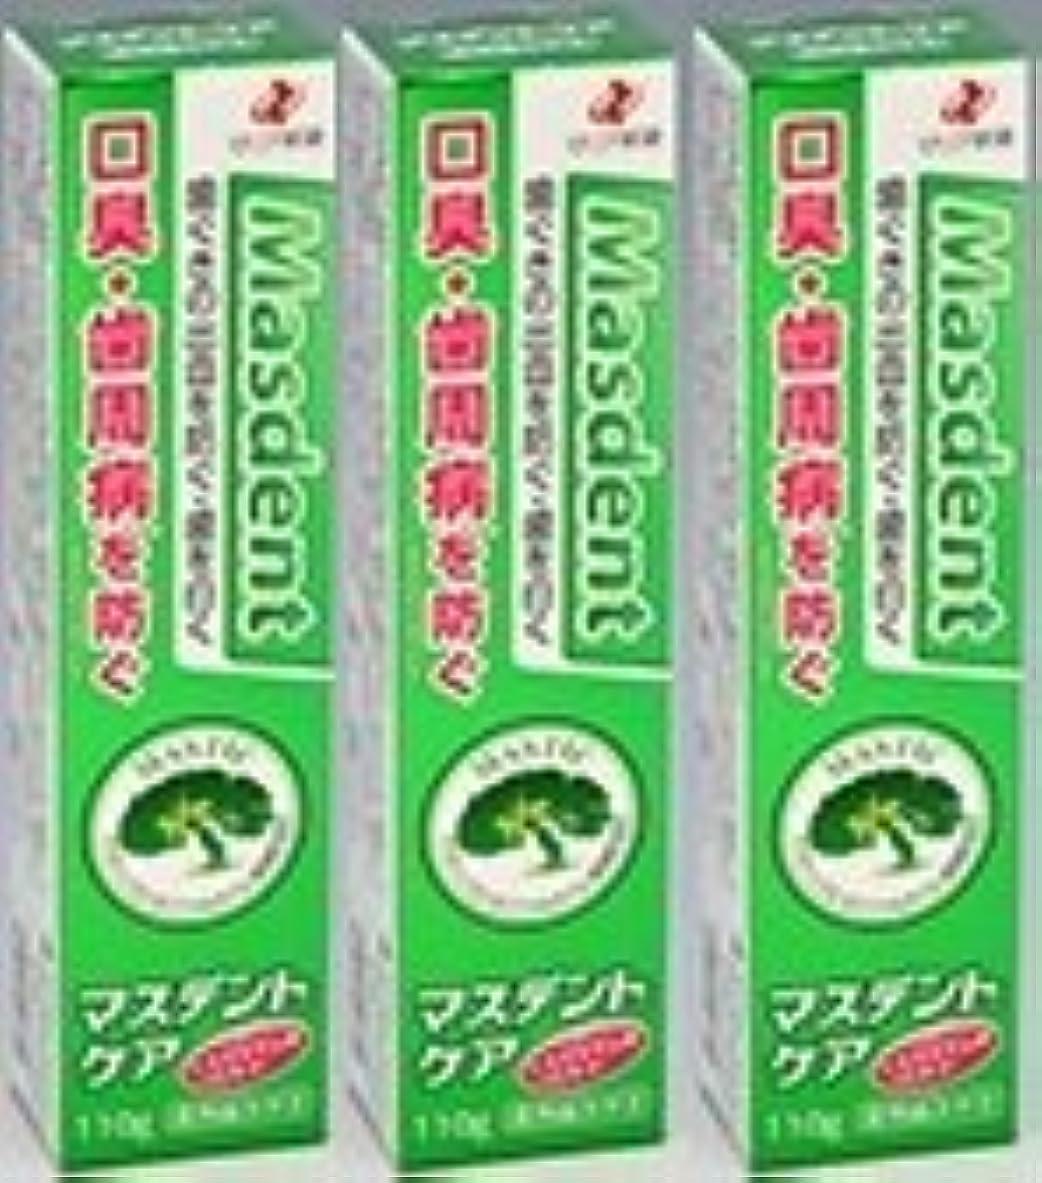 良さ流体従者薬用歯磨き マスデントケア110g×3本セット